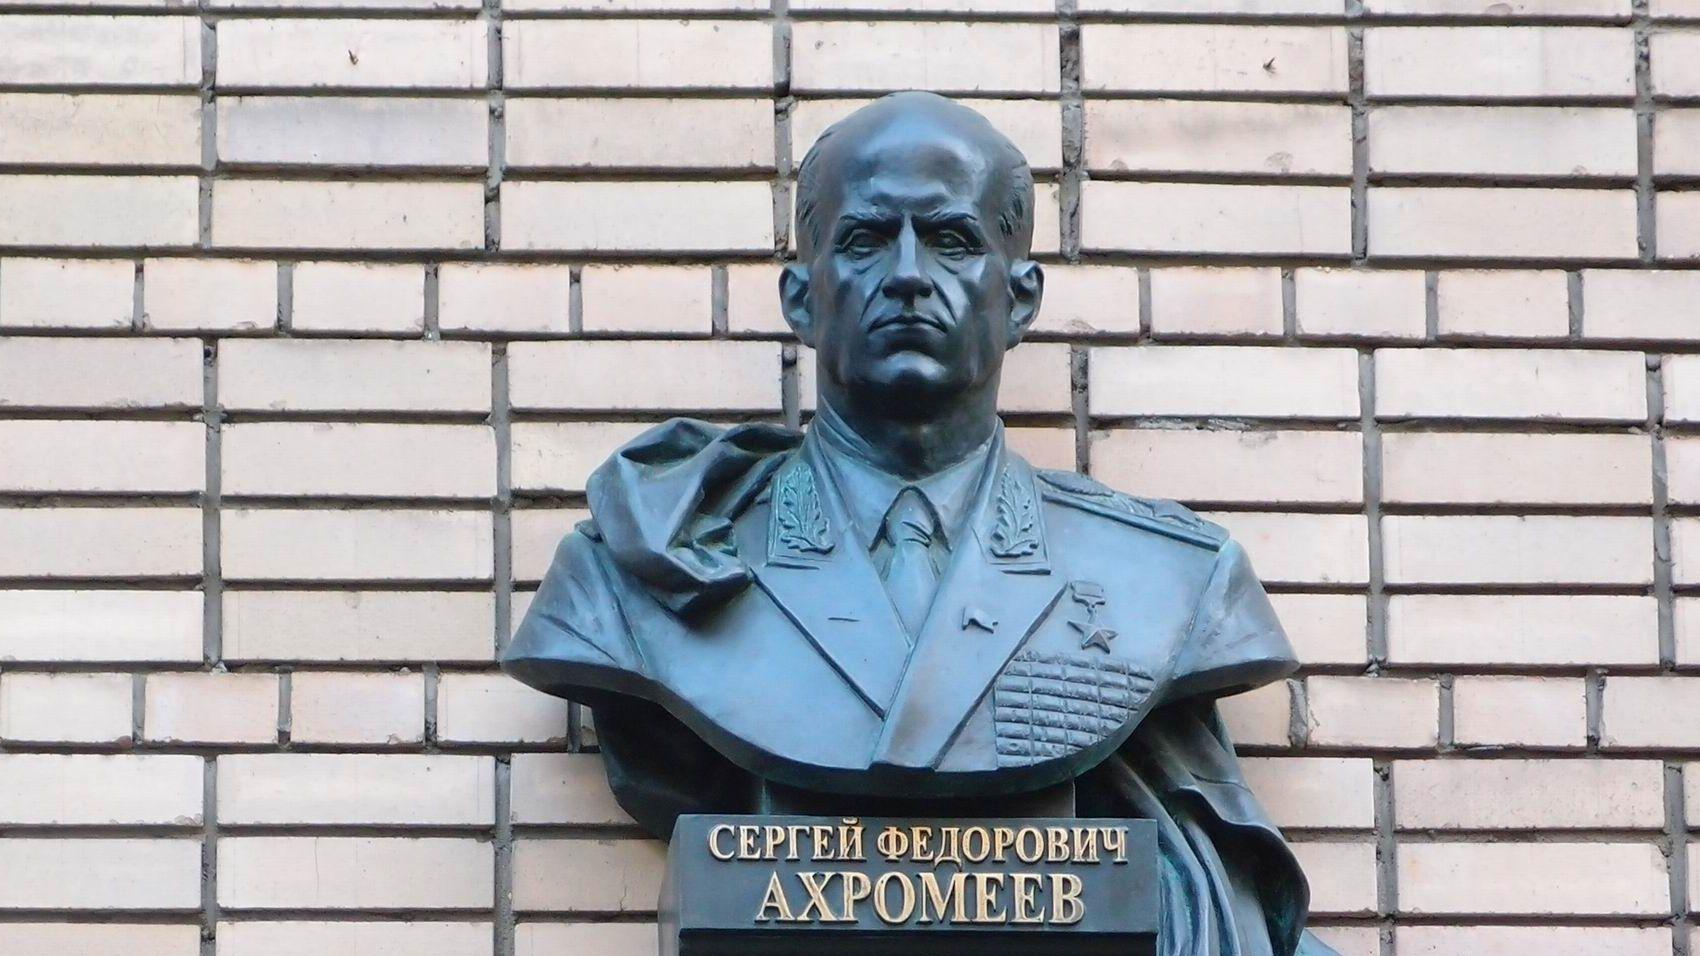 20191210_10-51-Кургинян рассказал, за что был убит маршал Ахромеев-pic1